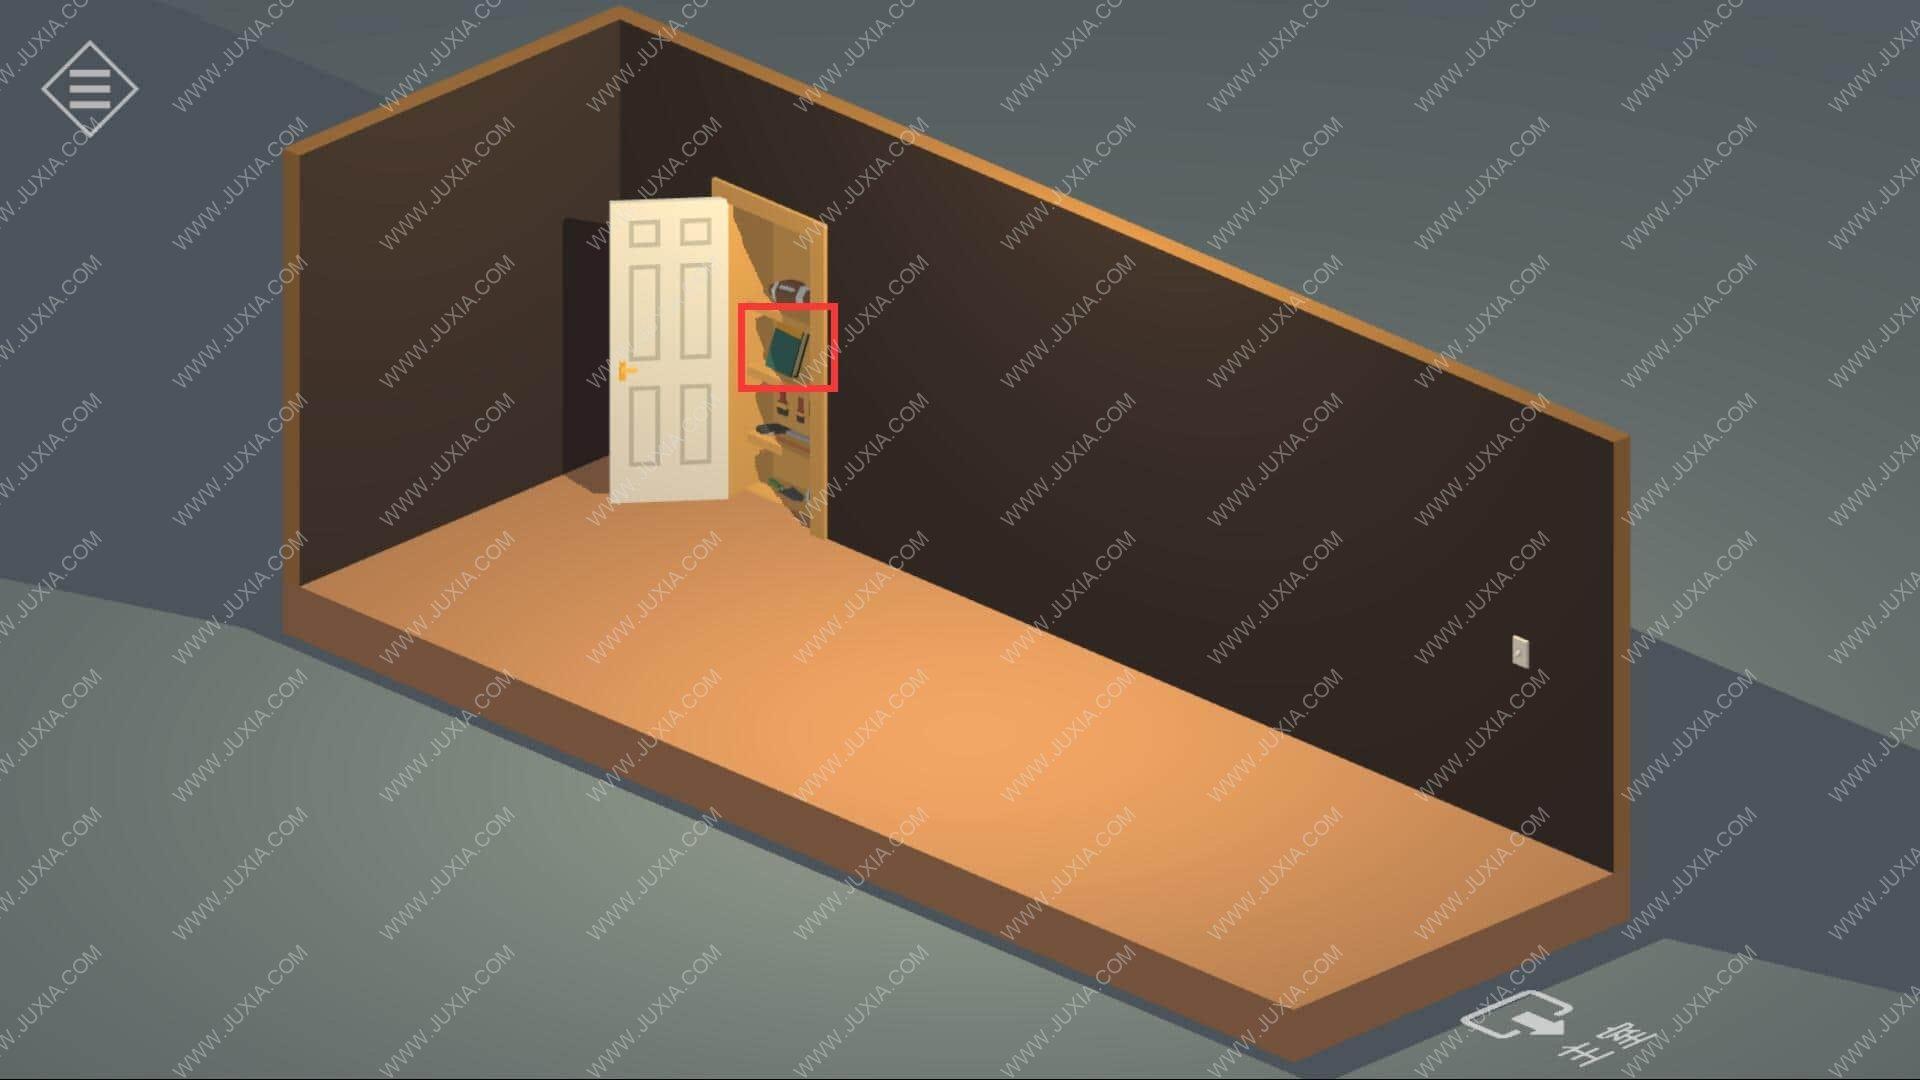 小房间故事第七章攻略 TinyRoomStoriesTownMystery第二季攻略第七章图文3